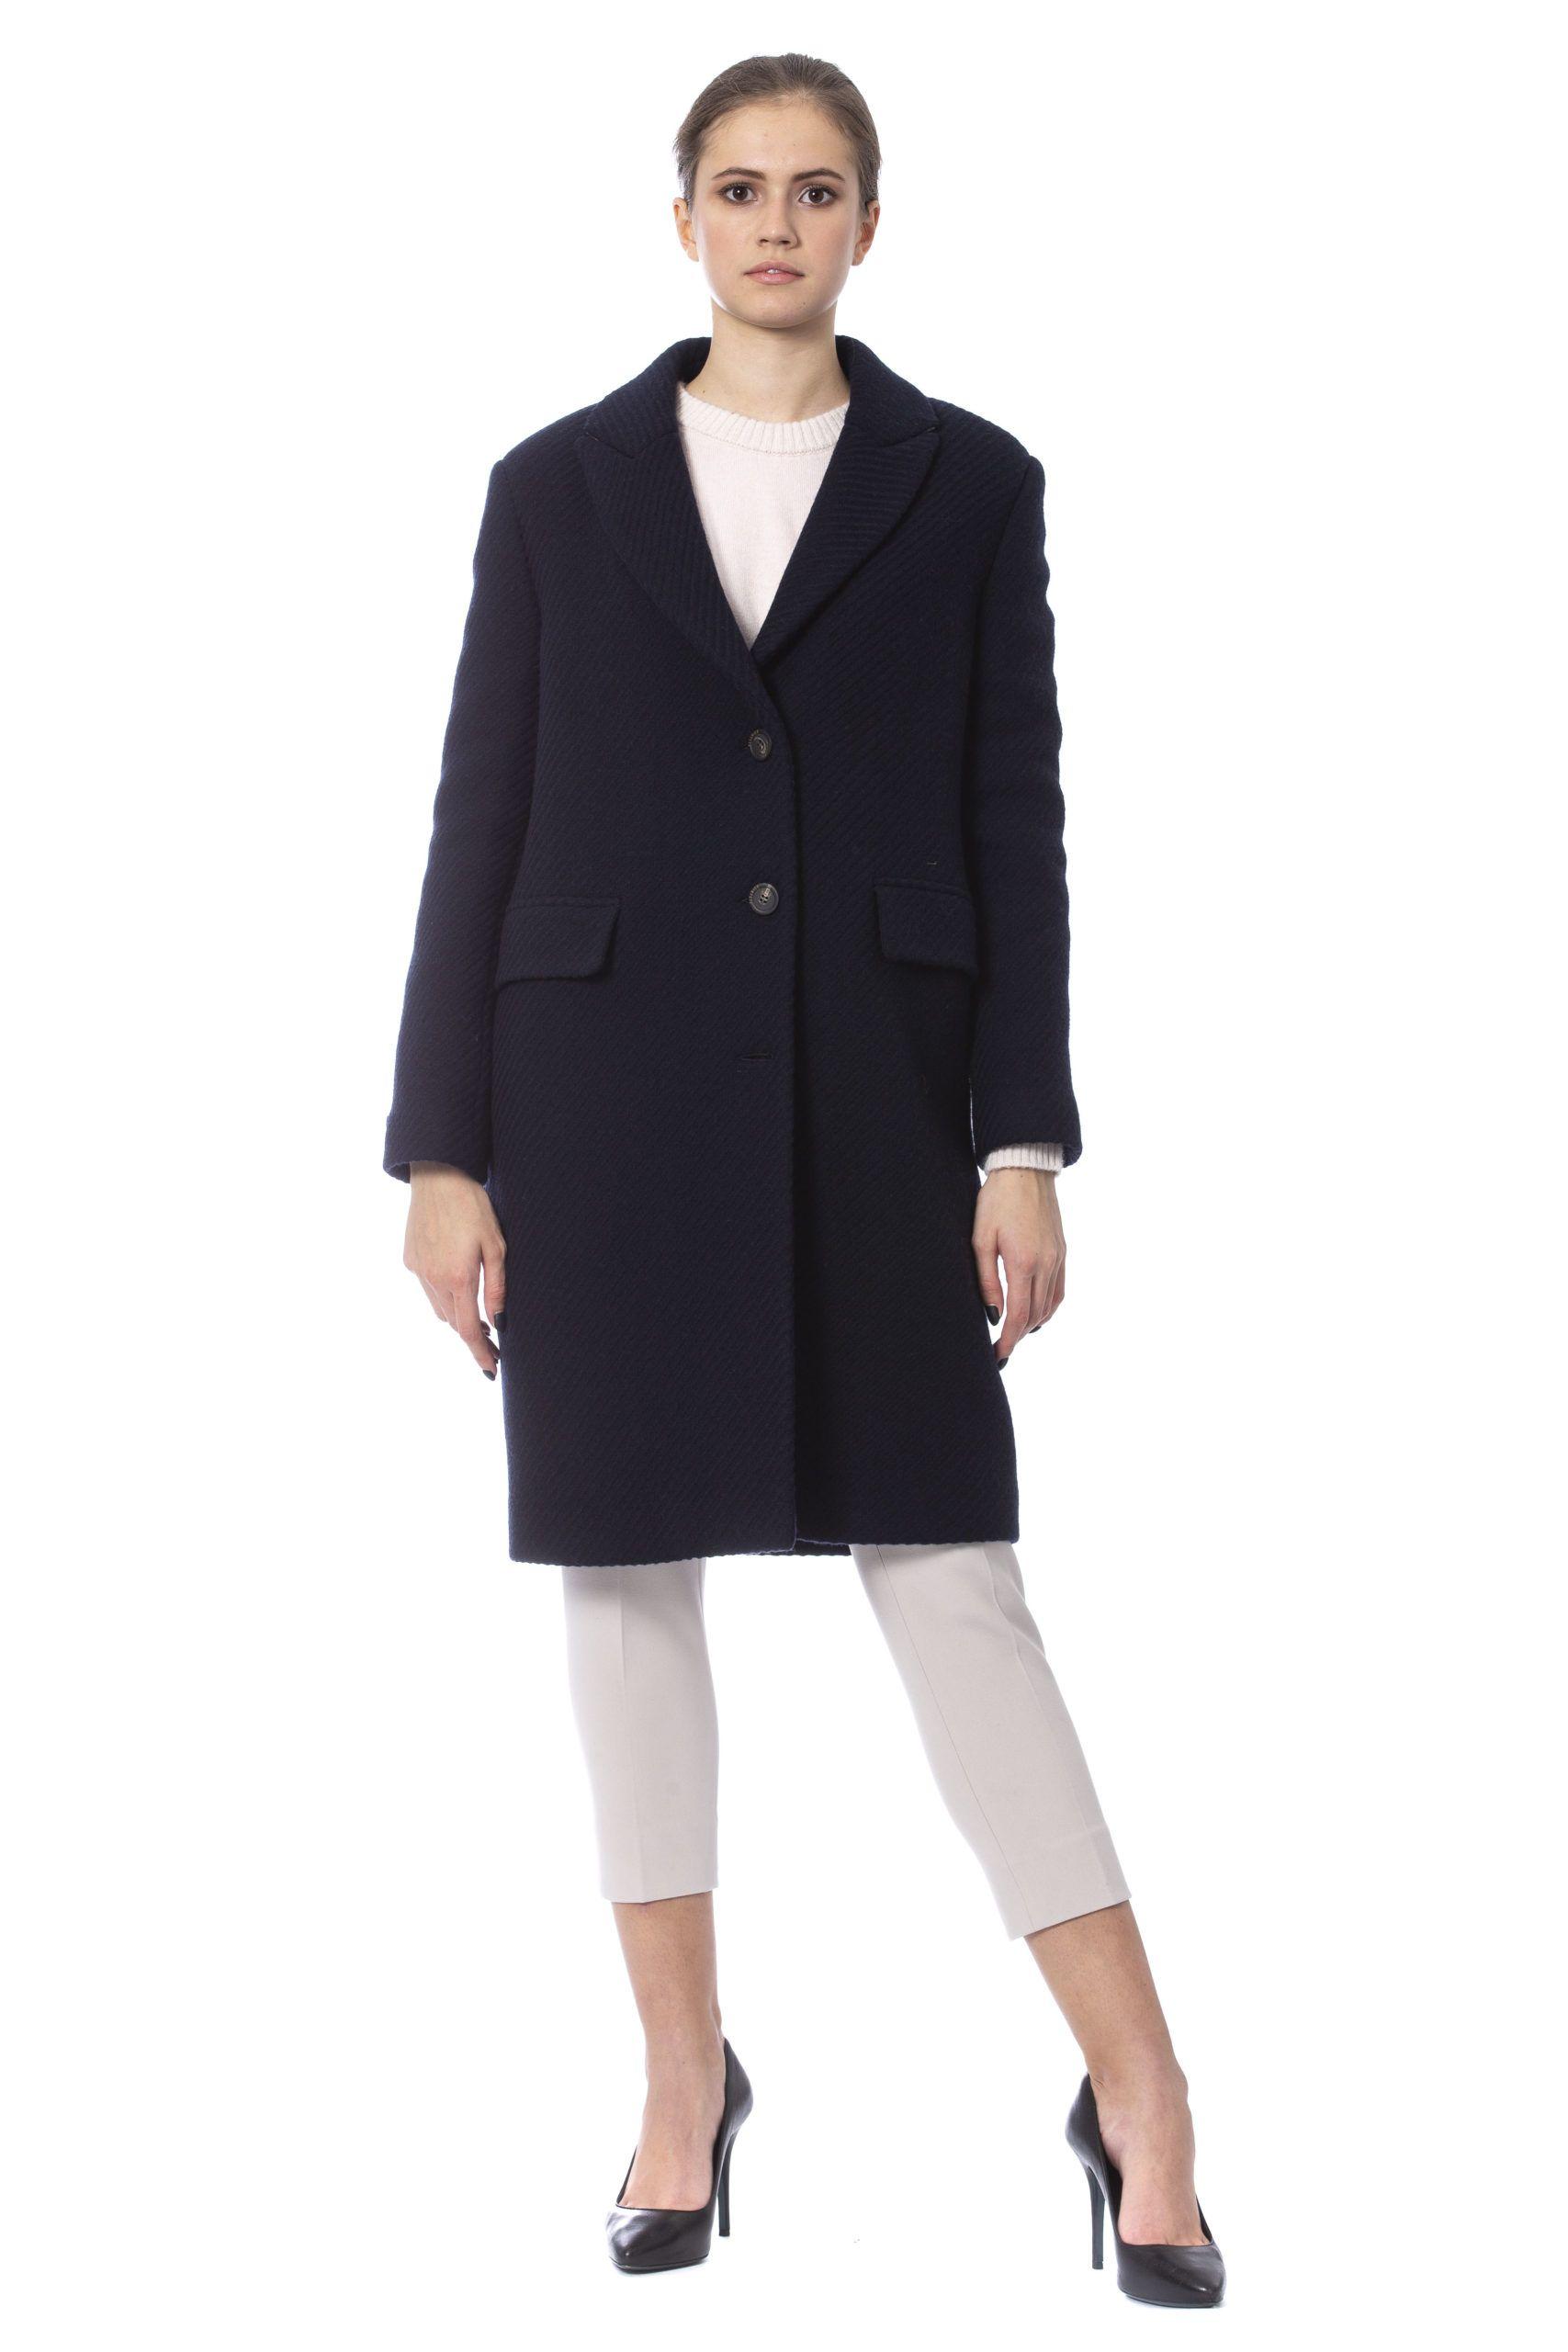 Peserico Blu Jackets & Coat